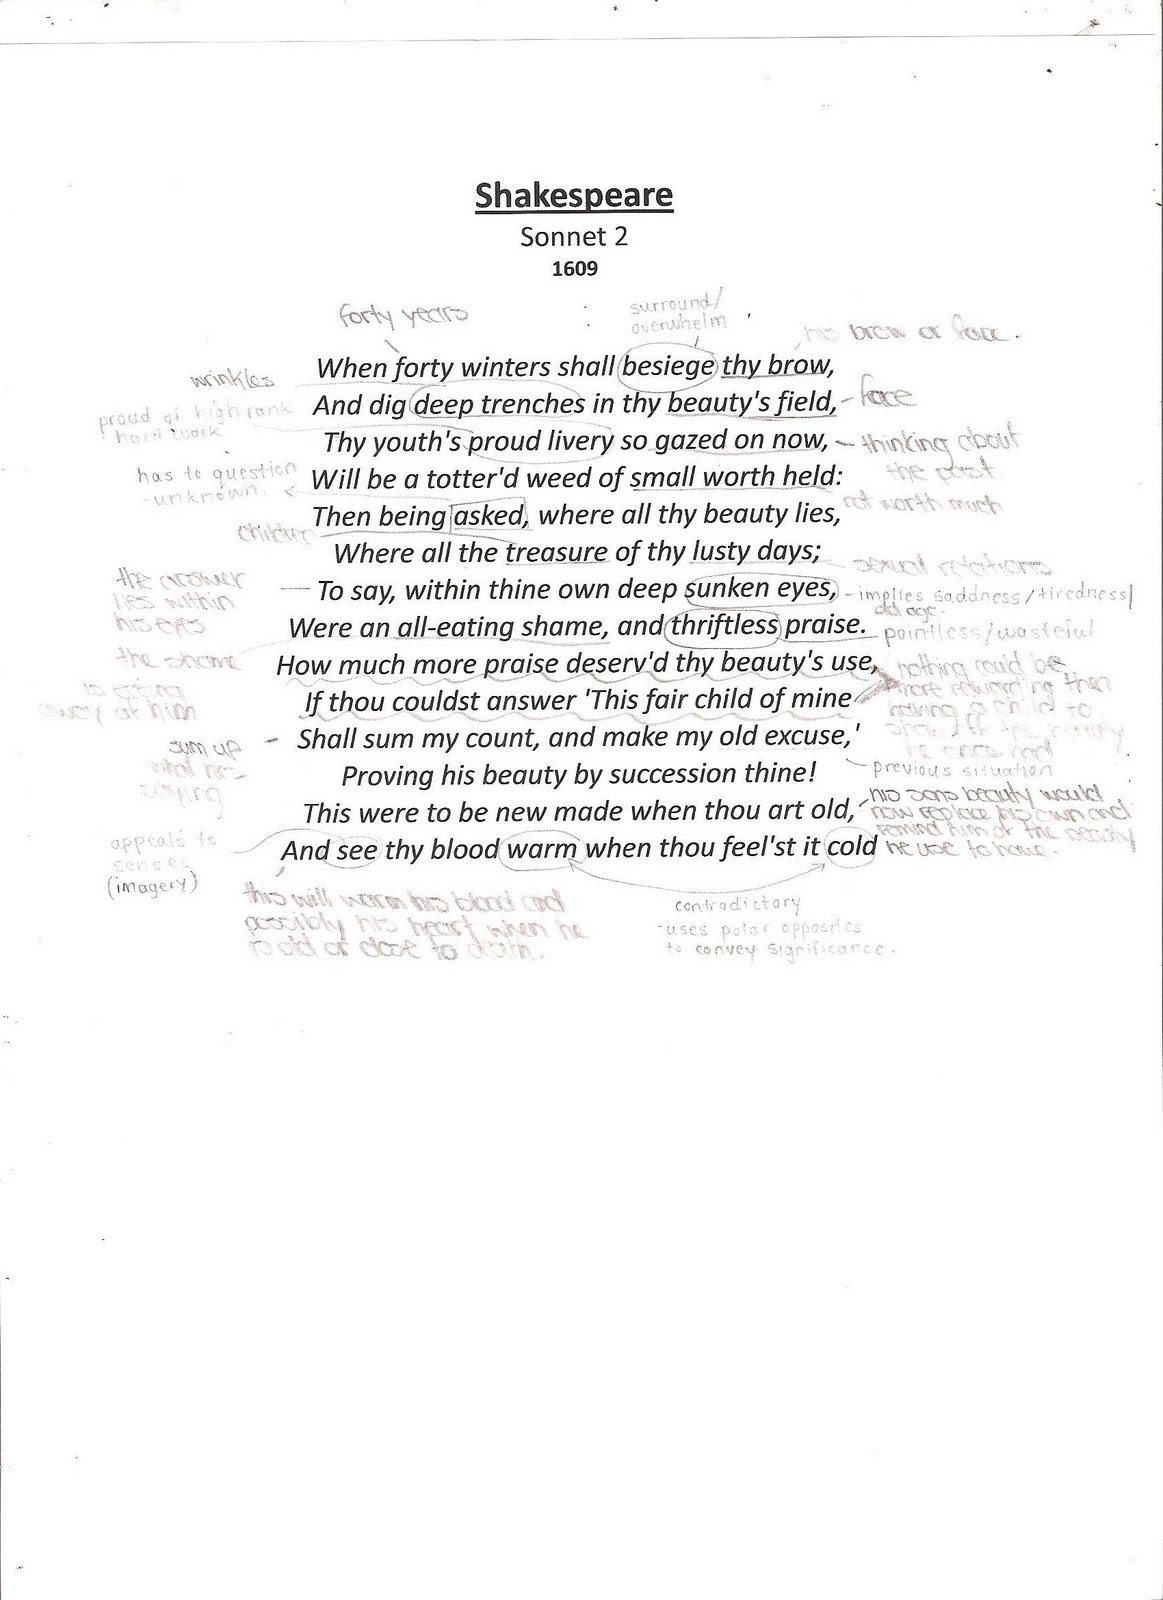 sonnet 2 analysis Sonnet 2 donna leggiadra il cui bel nome honora l'herbosa val di rheno, e il nobil varco, ben è colui d'ogni valore scarco qual tuo spirto gentil non innamora, che dolcemente mostra si di fuora [ 5 ] de suoi atti soavi giamai parco, e i don', che son d'amor saette ed arco, la onde l'alta tua virtù s'infiora quando tu vaga.